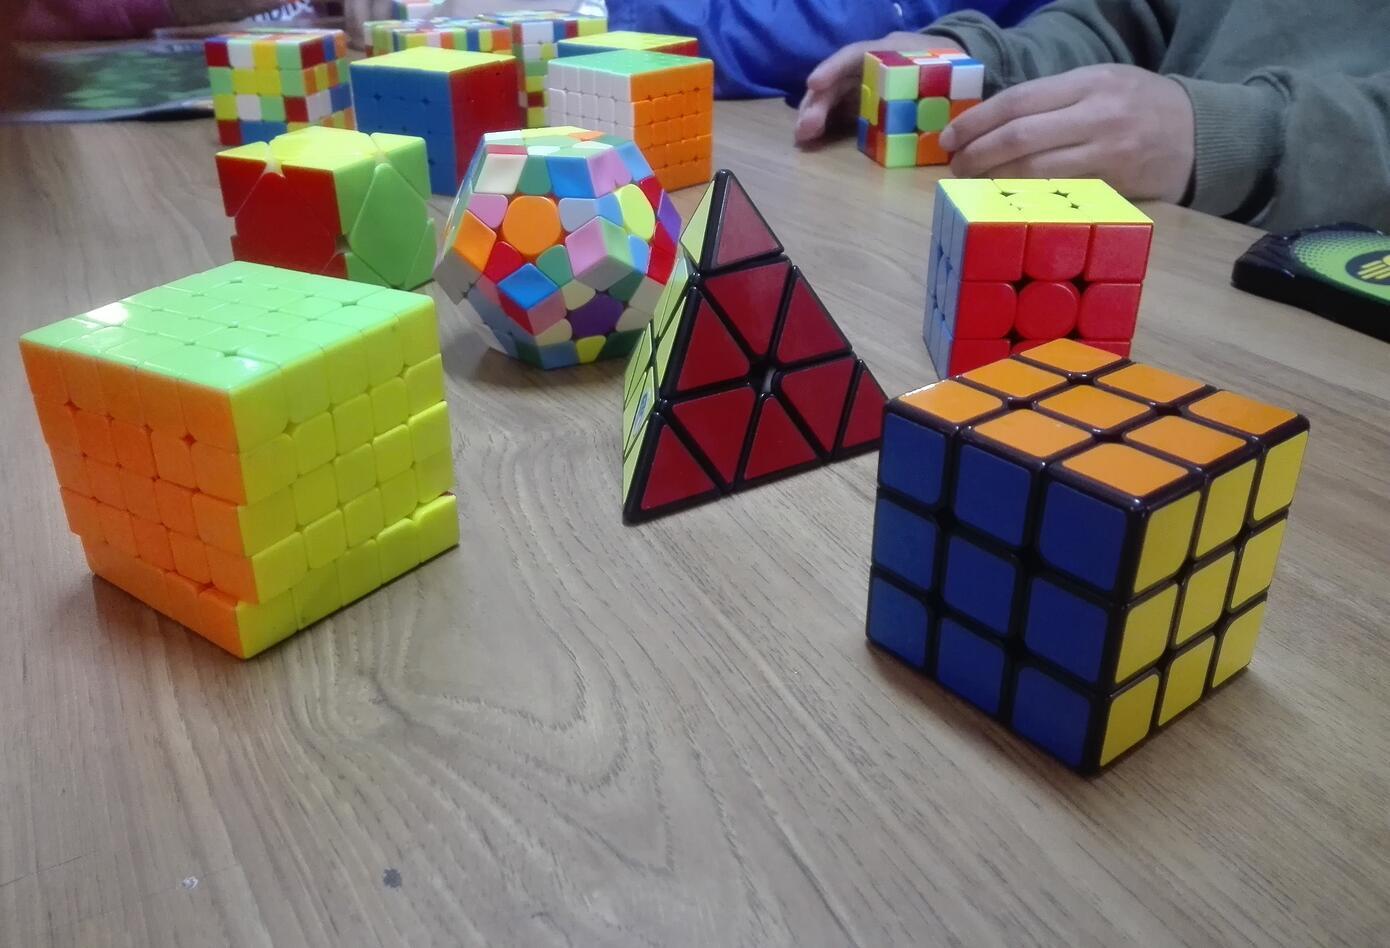 El cubo de rubik es considerado el juguete más vendido del mundo